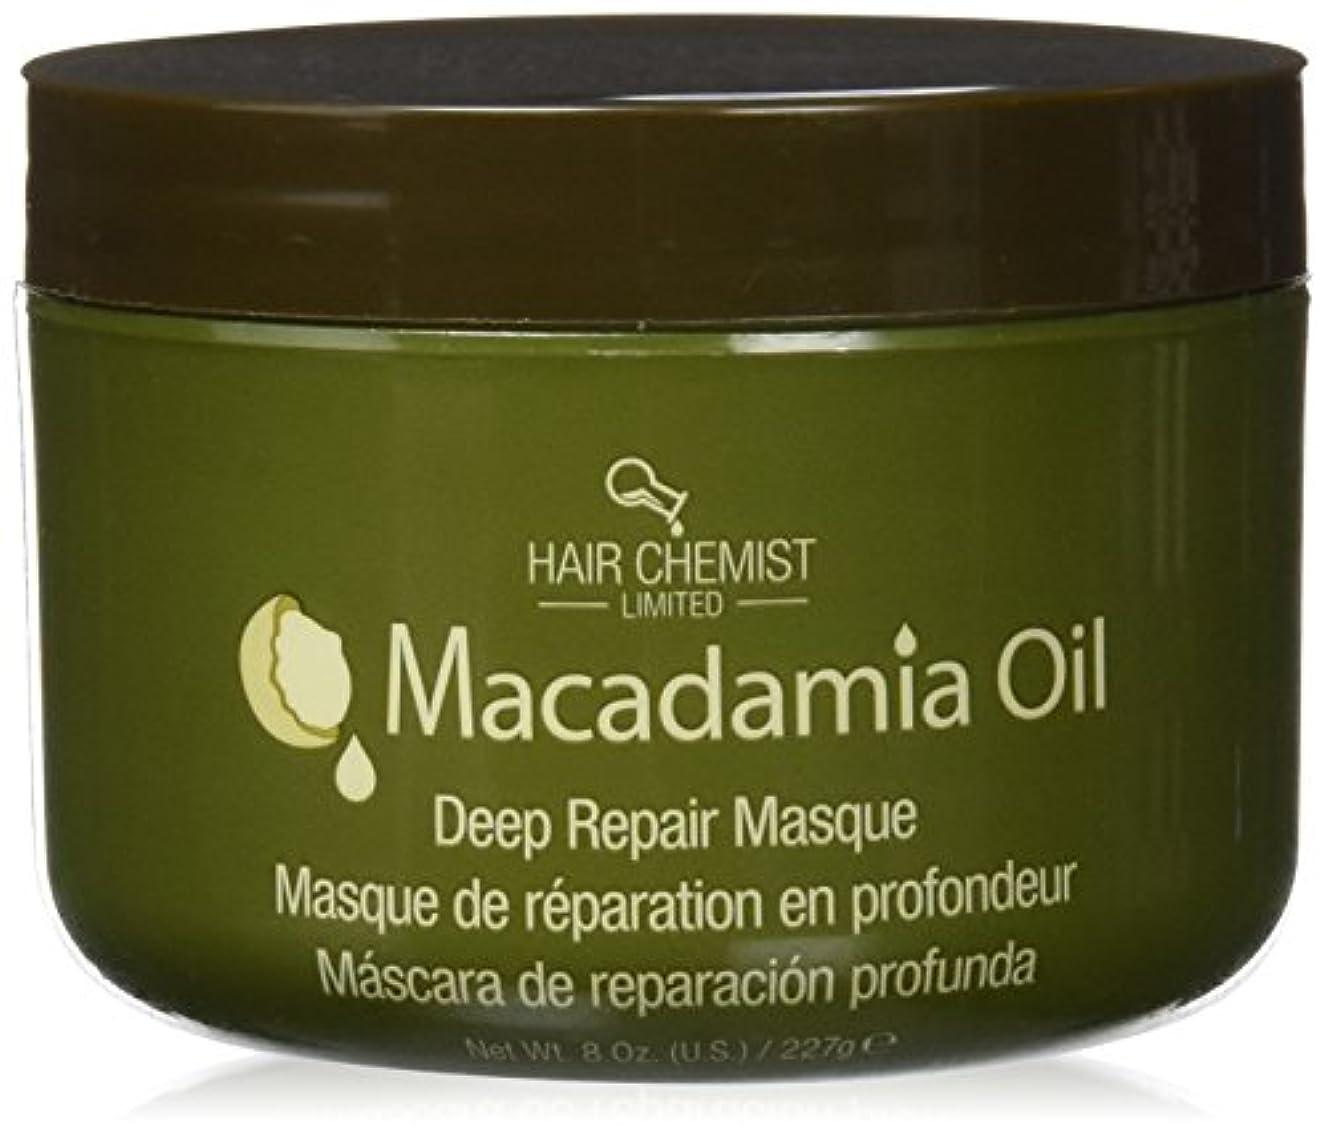 懐ボートビジュアルHair Chemist ヘアマスク マカダミア オイル ディープリペアマスク 227g Macadamia Oil Deep Repair Mask 1434 New York